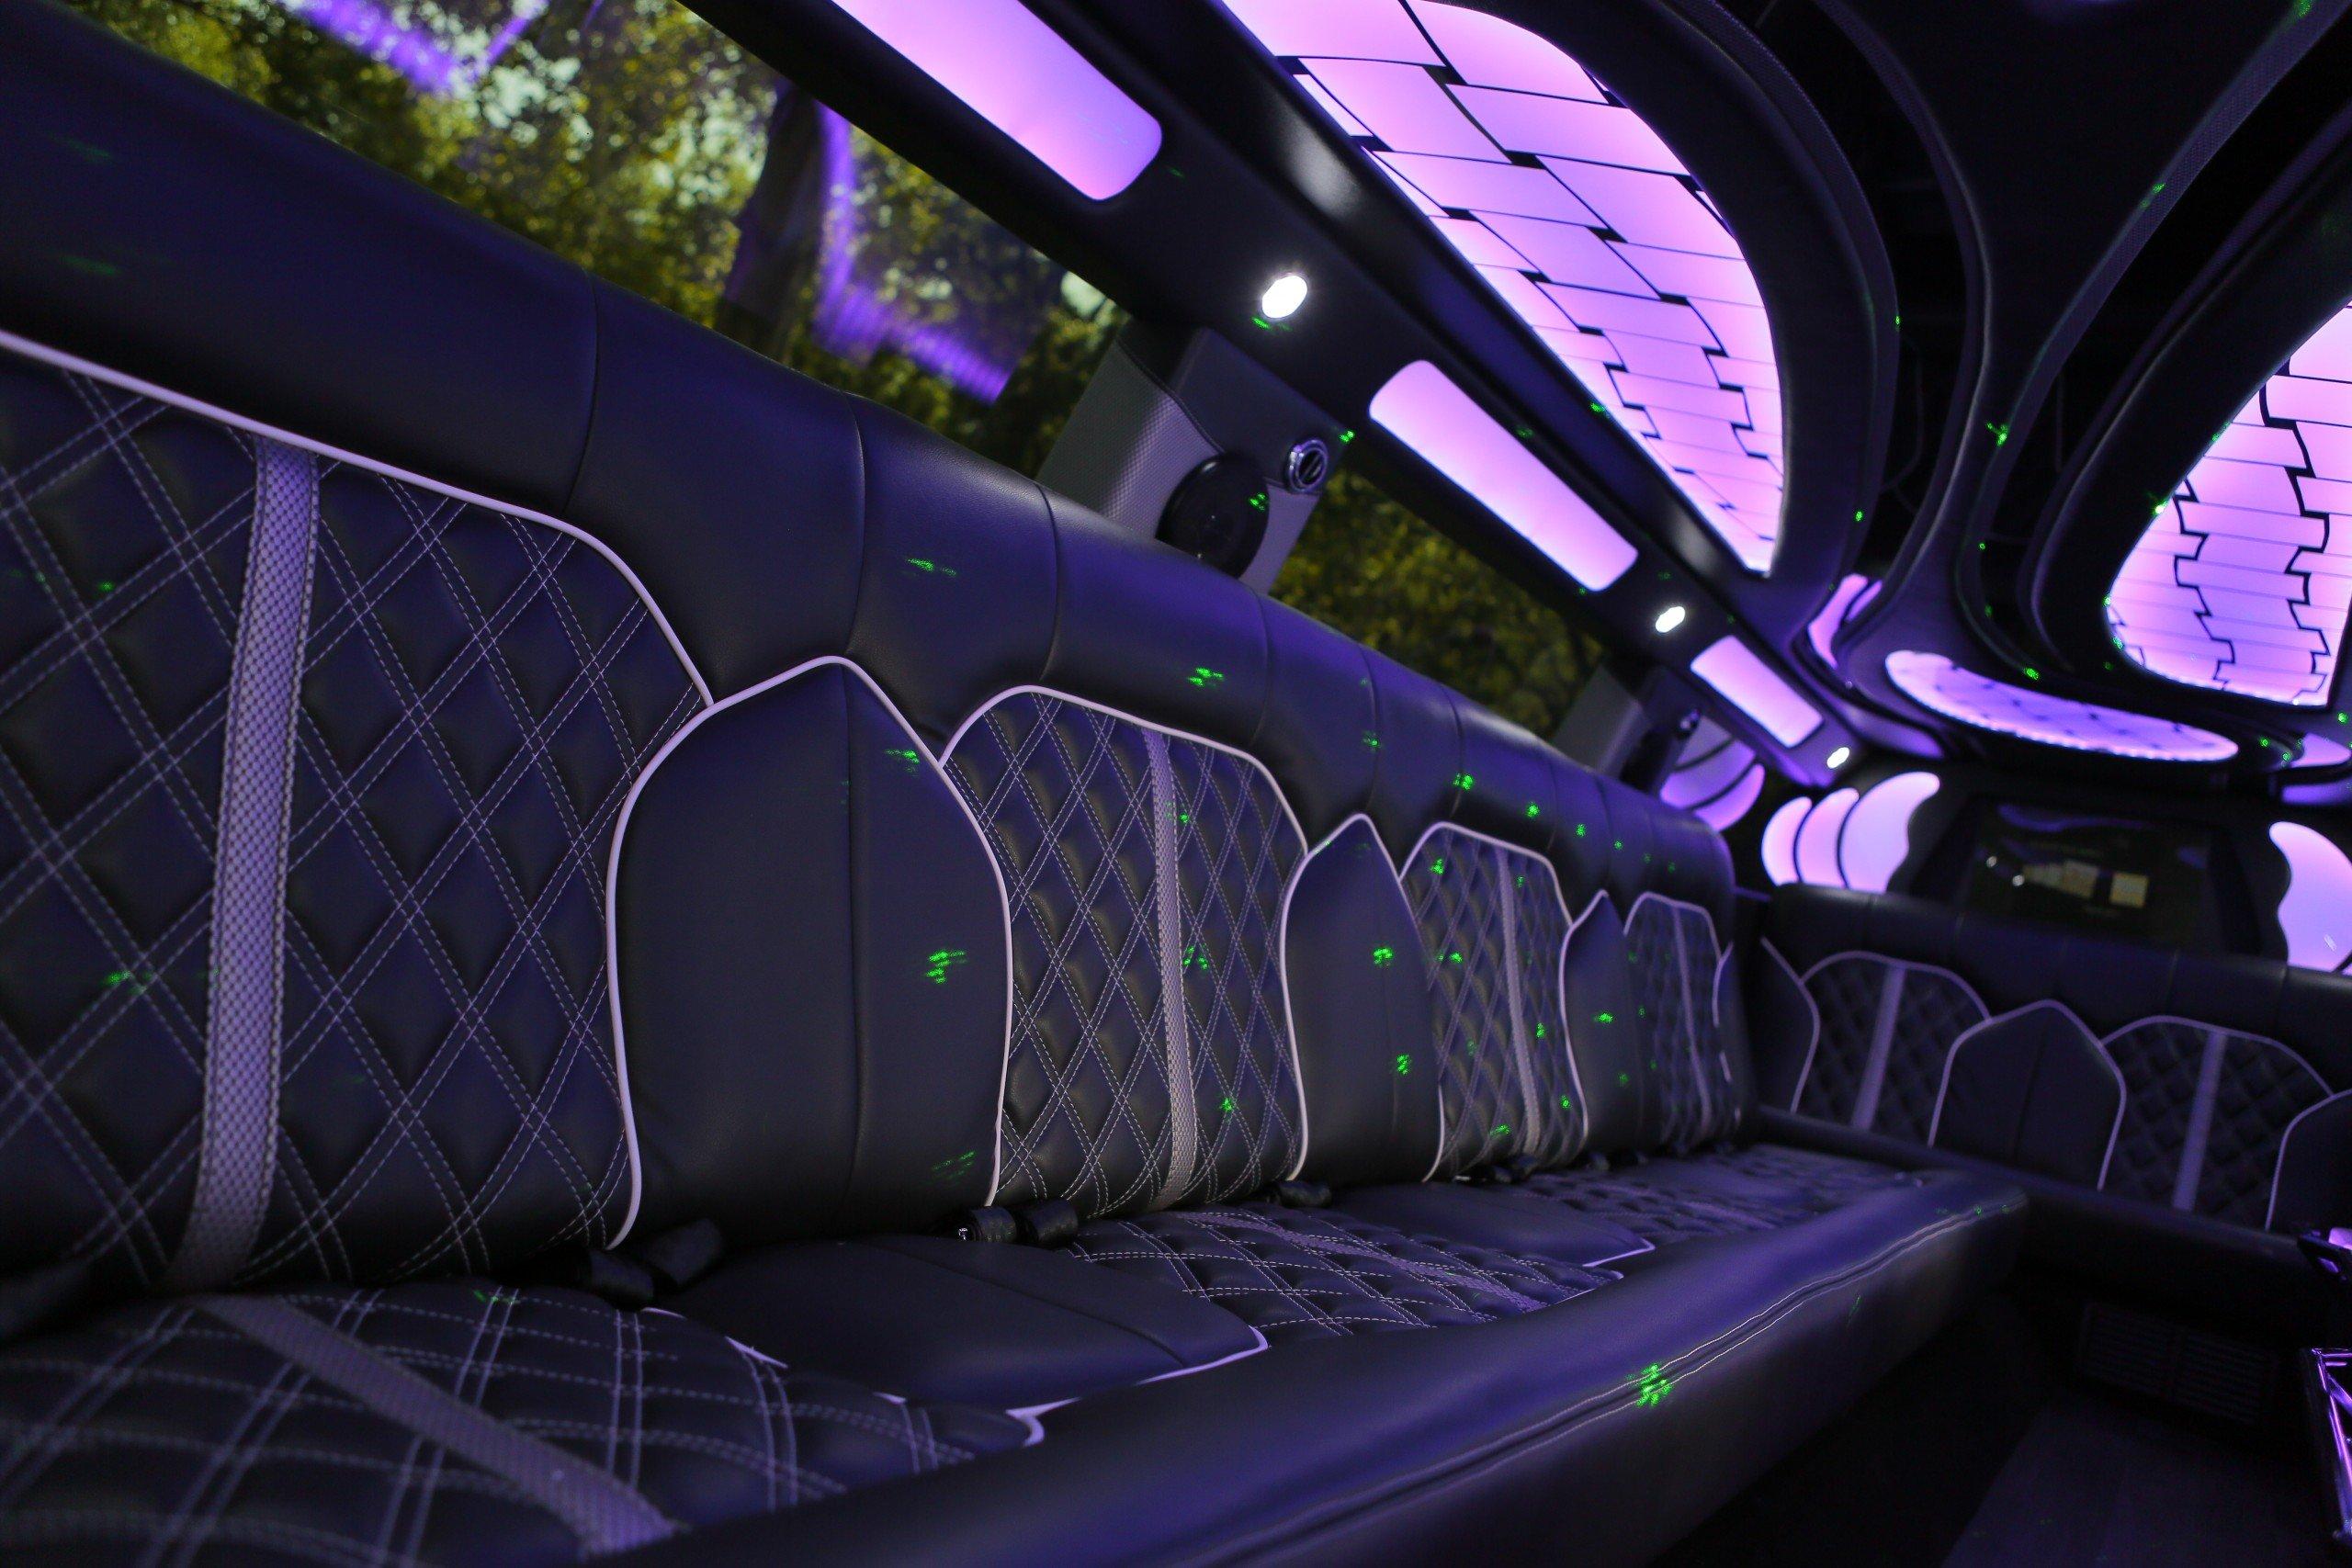 14 passenger Lincoln MKT Limo - Santos VIP Limo